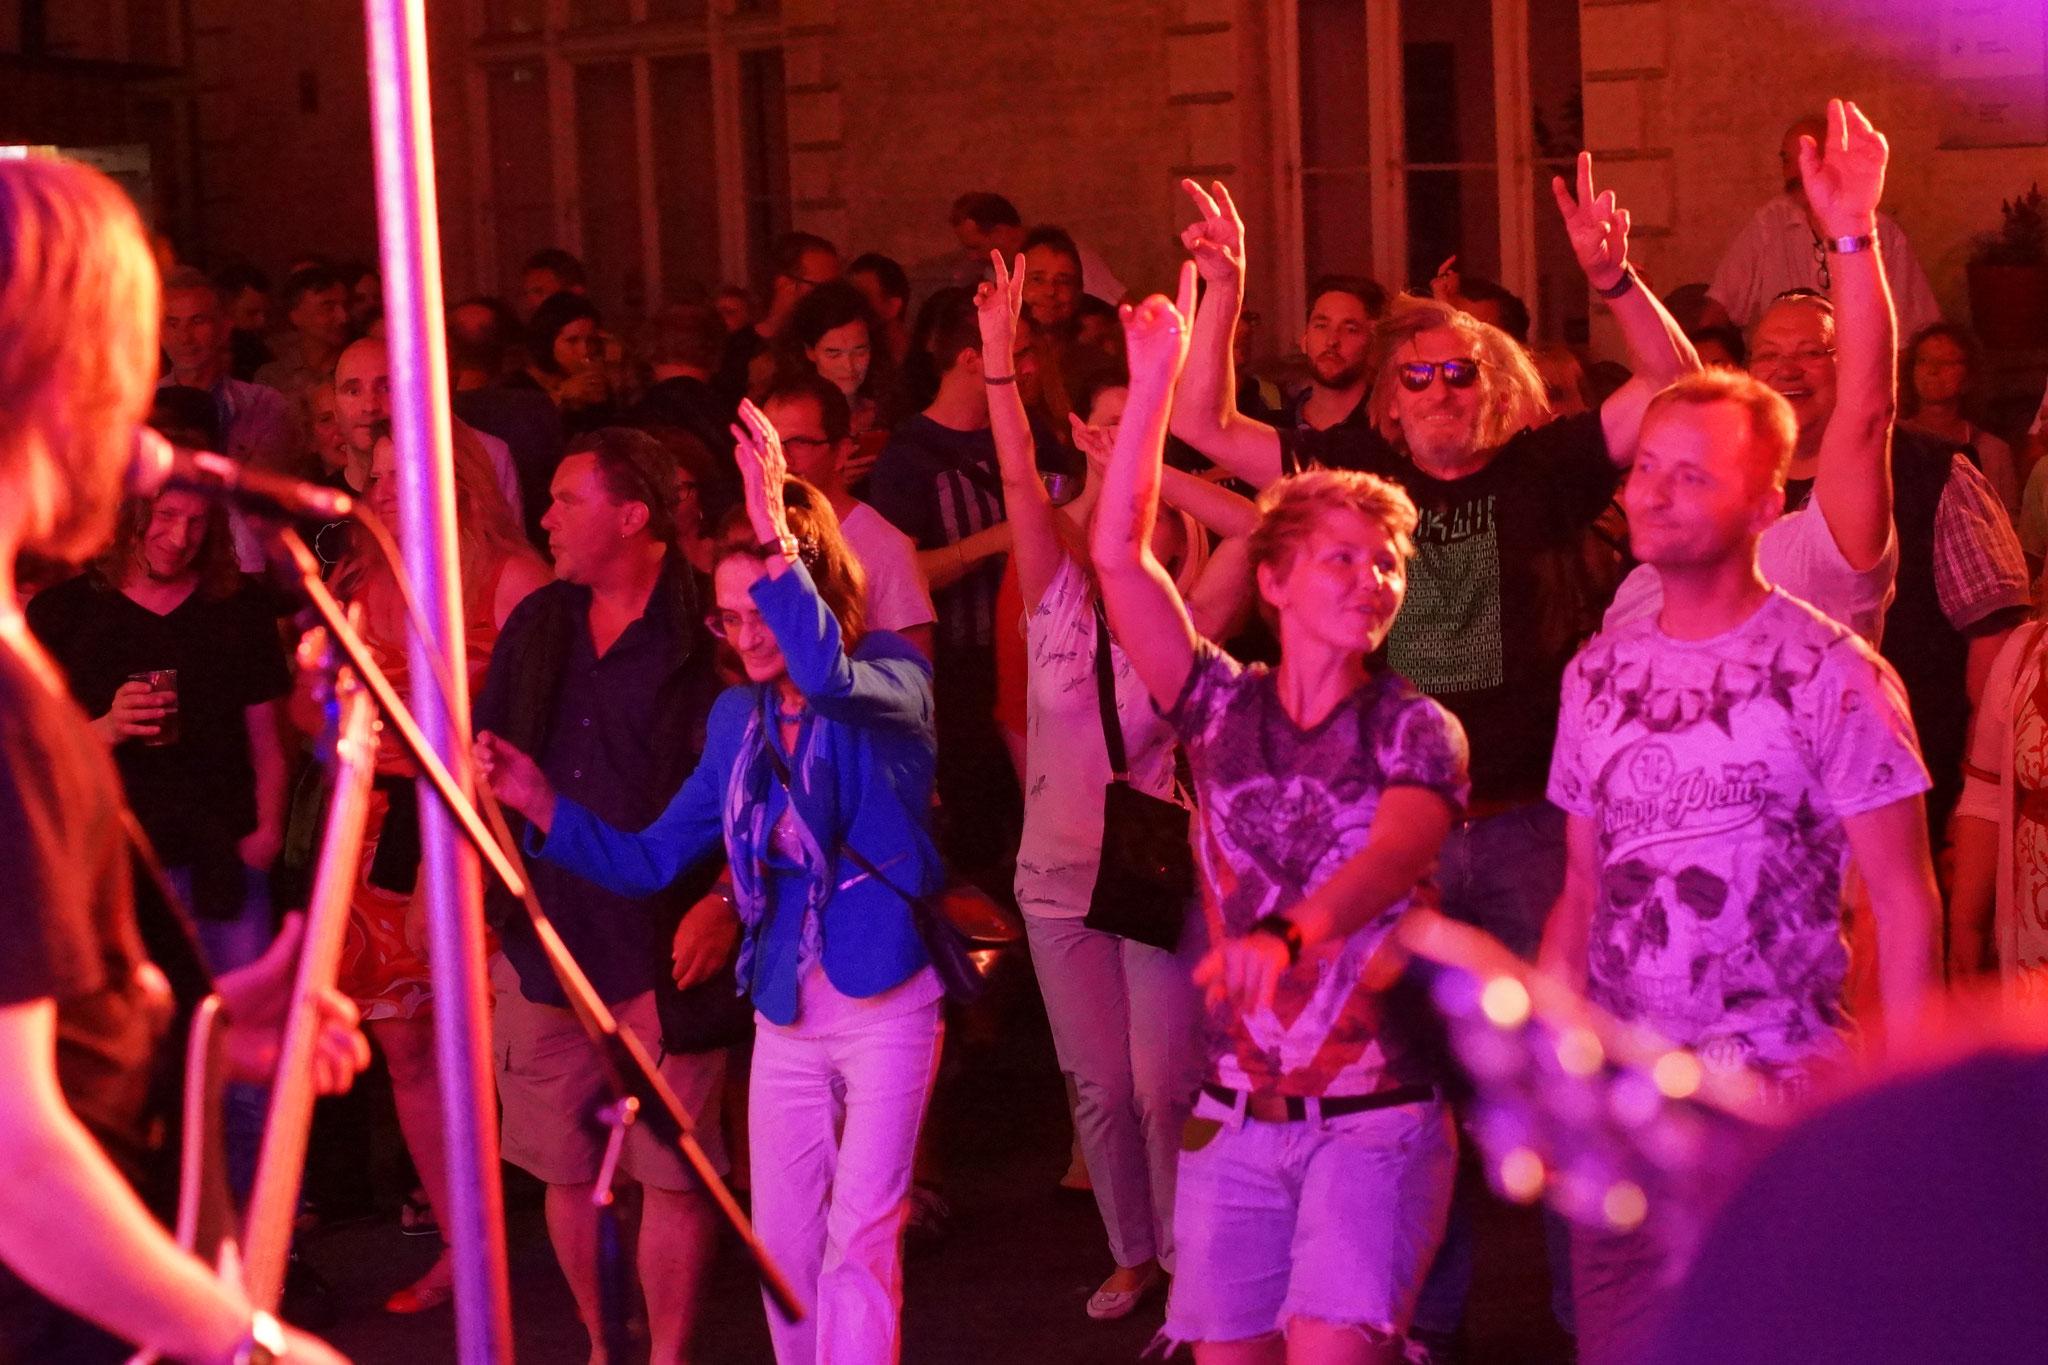 Konzerte im Bürgerhof 08.07.17 - Freiwilligen-Zentrum Augsburg - Foto: Crayfish